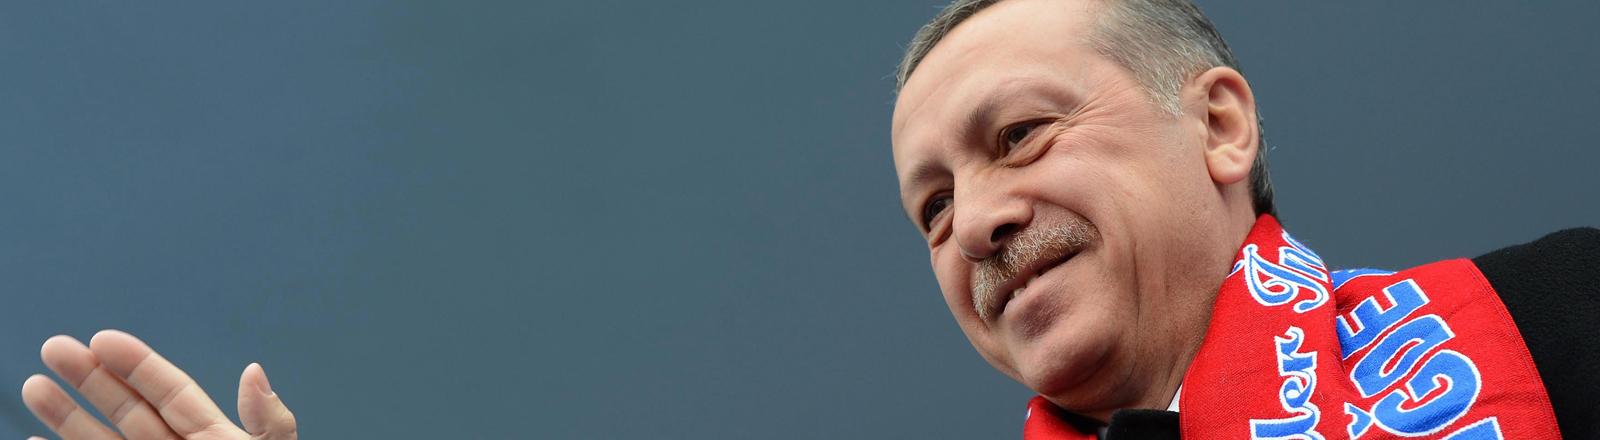 Recep Tayyip Erdogan während eines Wahlkampfauftrittes am 3. März 2014.